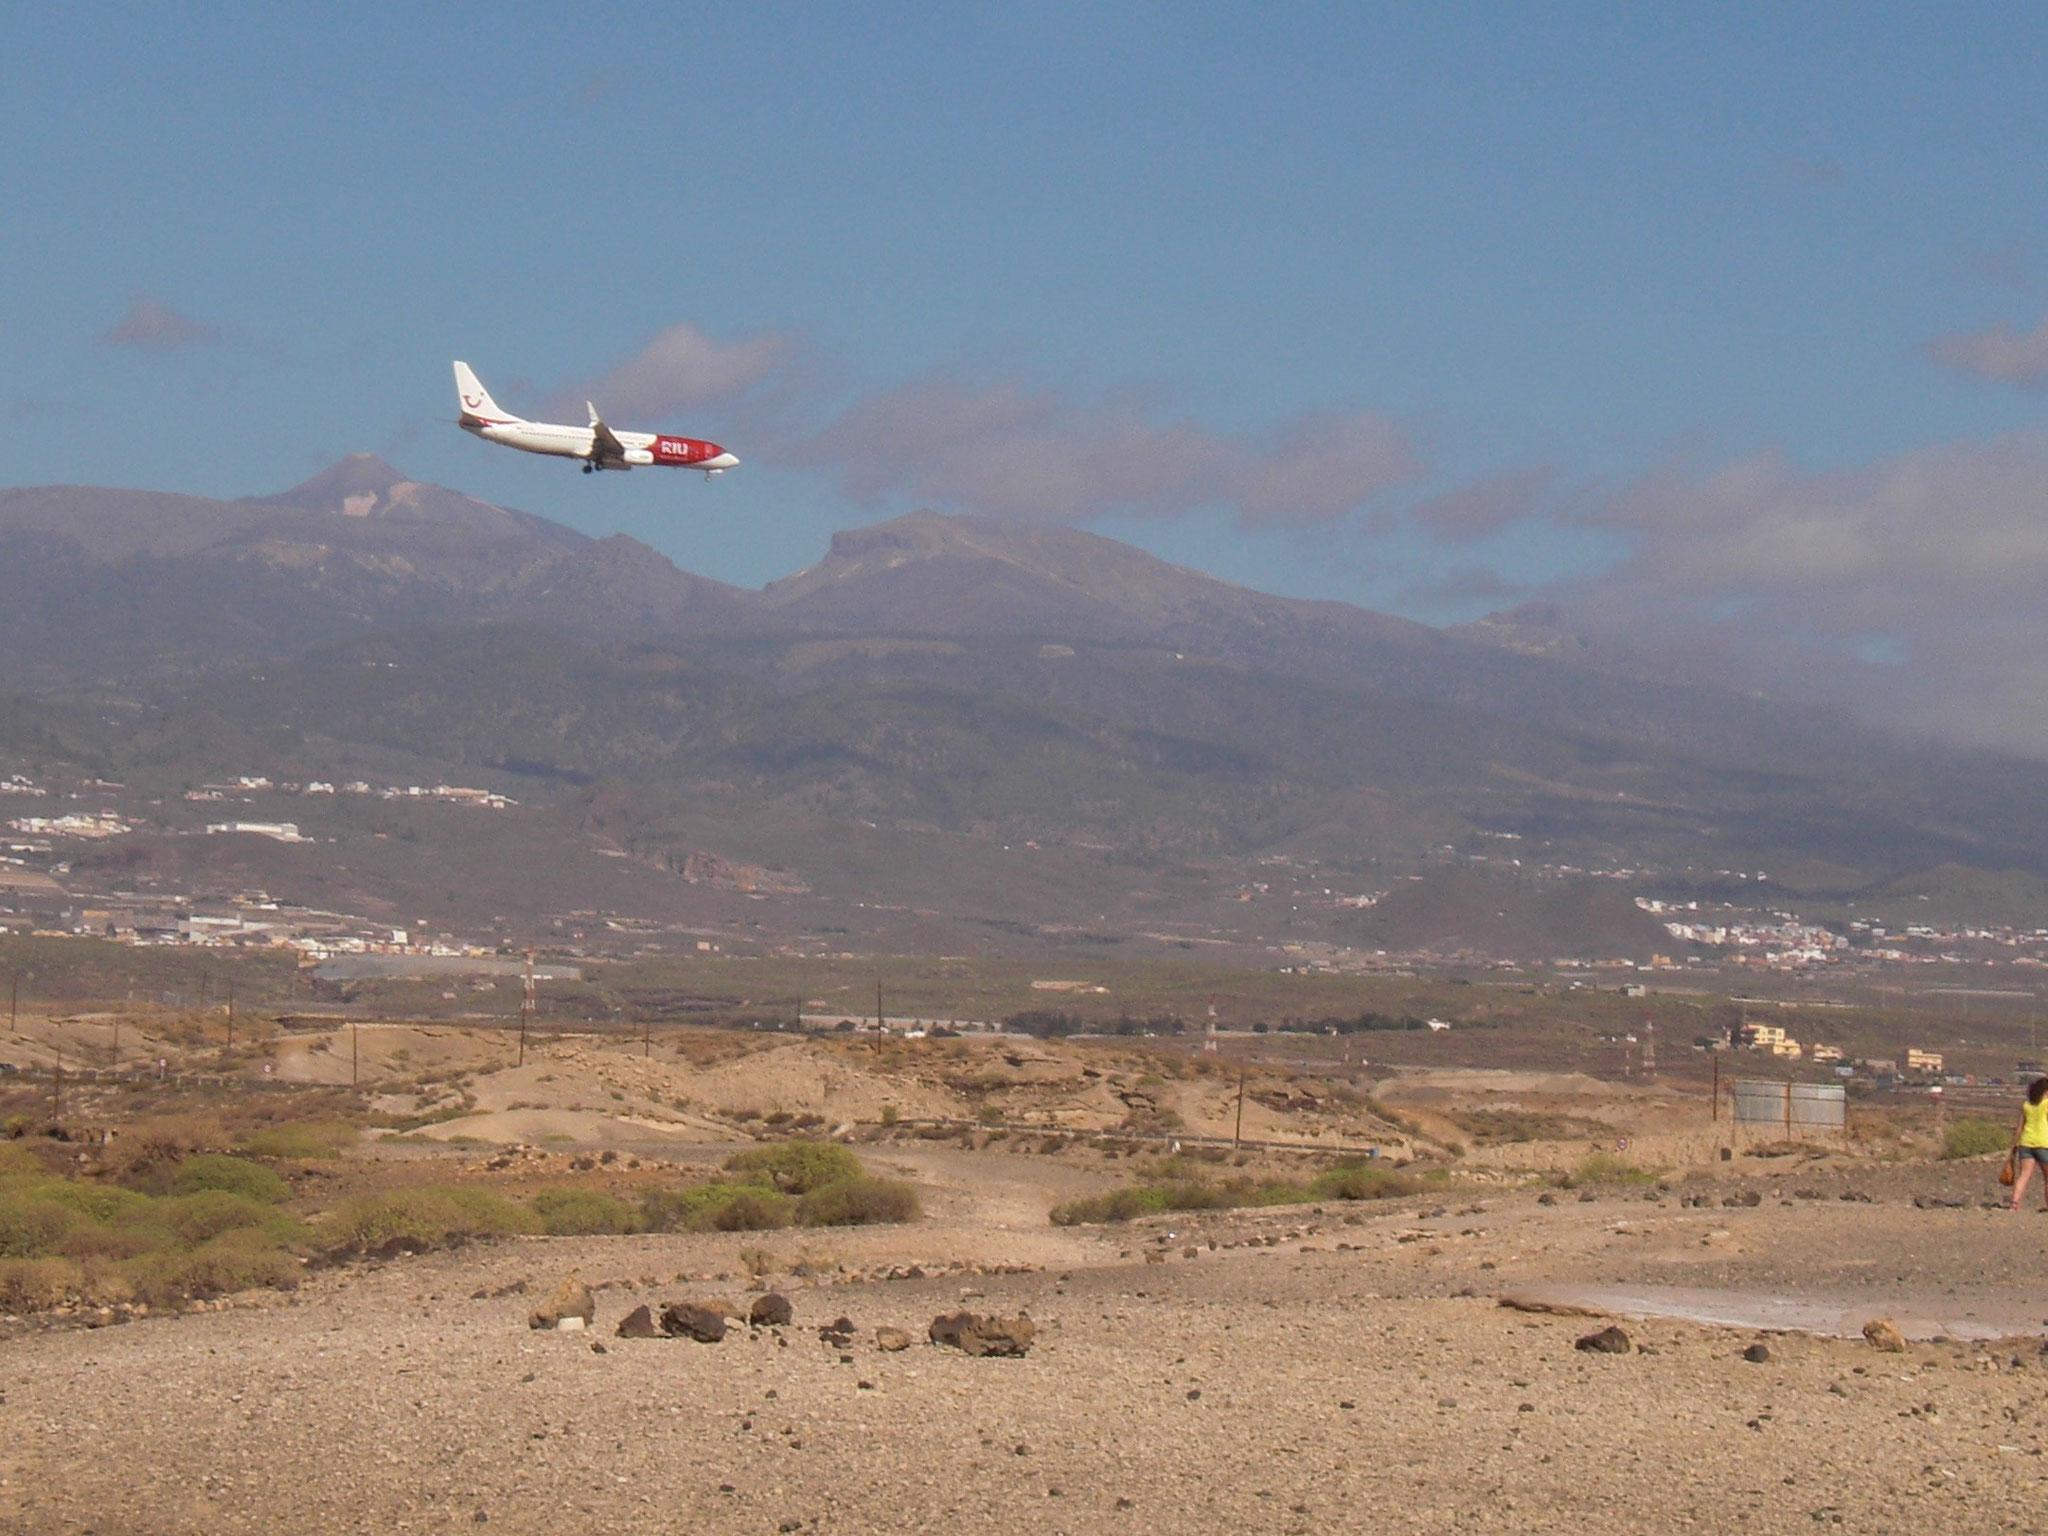 der Flughafen Teneriffa Süd ist x km von Los Abrigos entfernt, nach Las Americas sind es x km